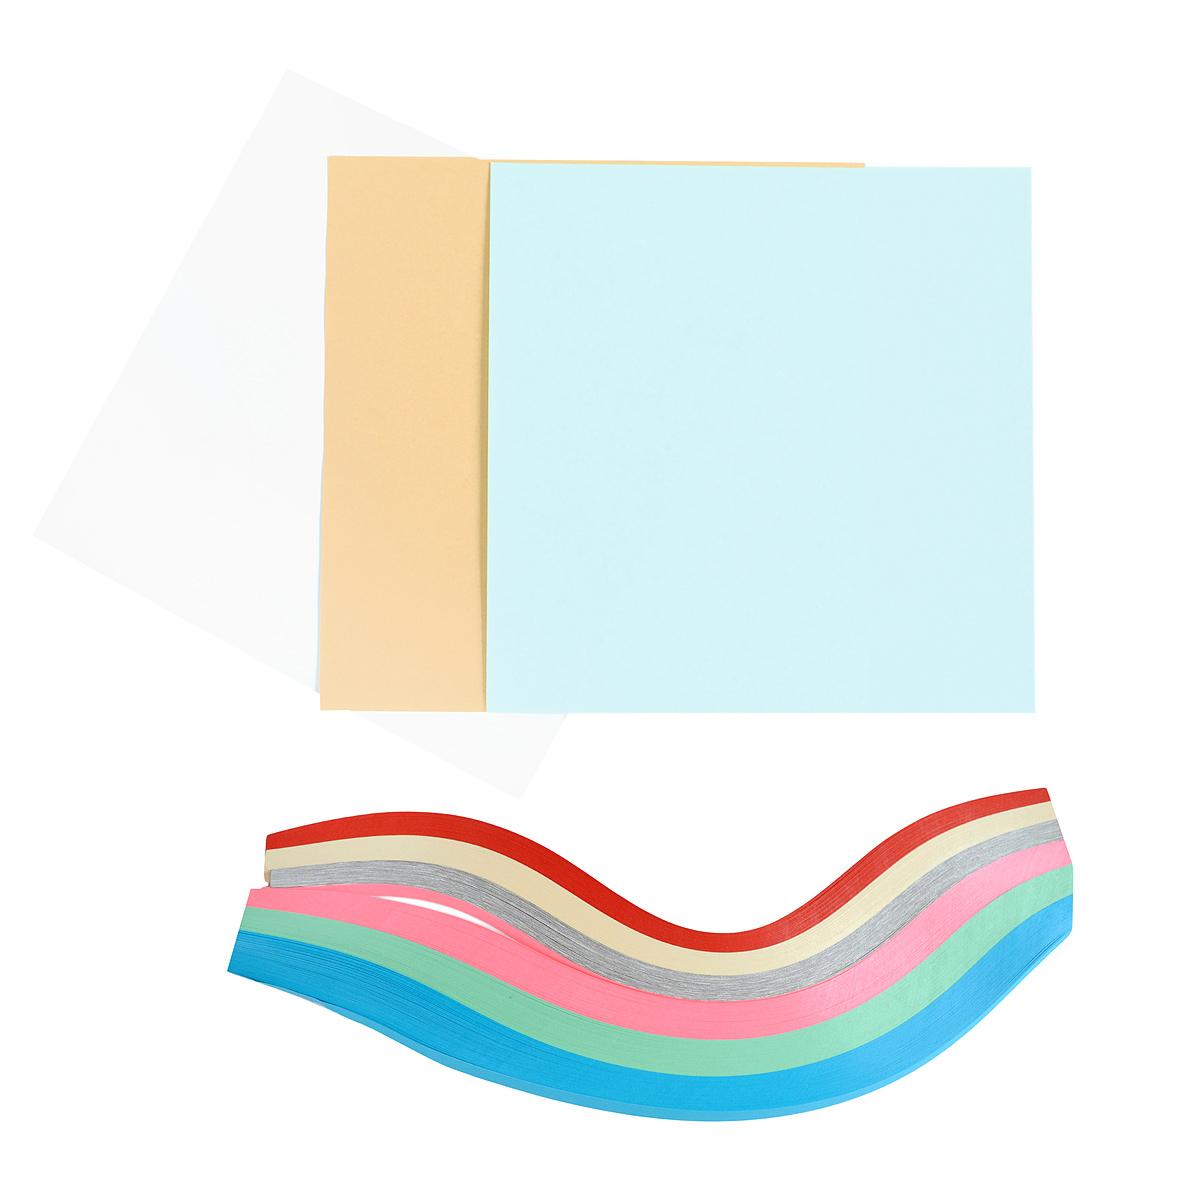 Набор для квиллинга поможет совершенствовать Ваше мастерство  в создании композиций из скрученной бумаги.  Набор  включает все необходимые предметы для поделок своими руками: бумага для квиллинга шести цветов, бумага для фона, схема для поделок, паспарту и жесткая подложка.  Вам могут дополнительно понадобиться клей, ножницы, лекало и другие инструменты для квиллинга.